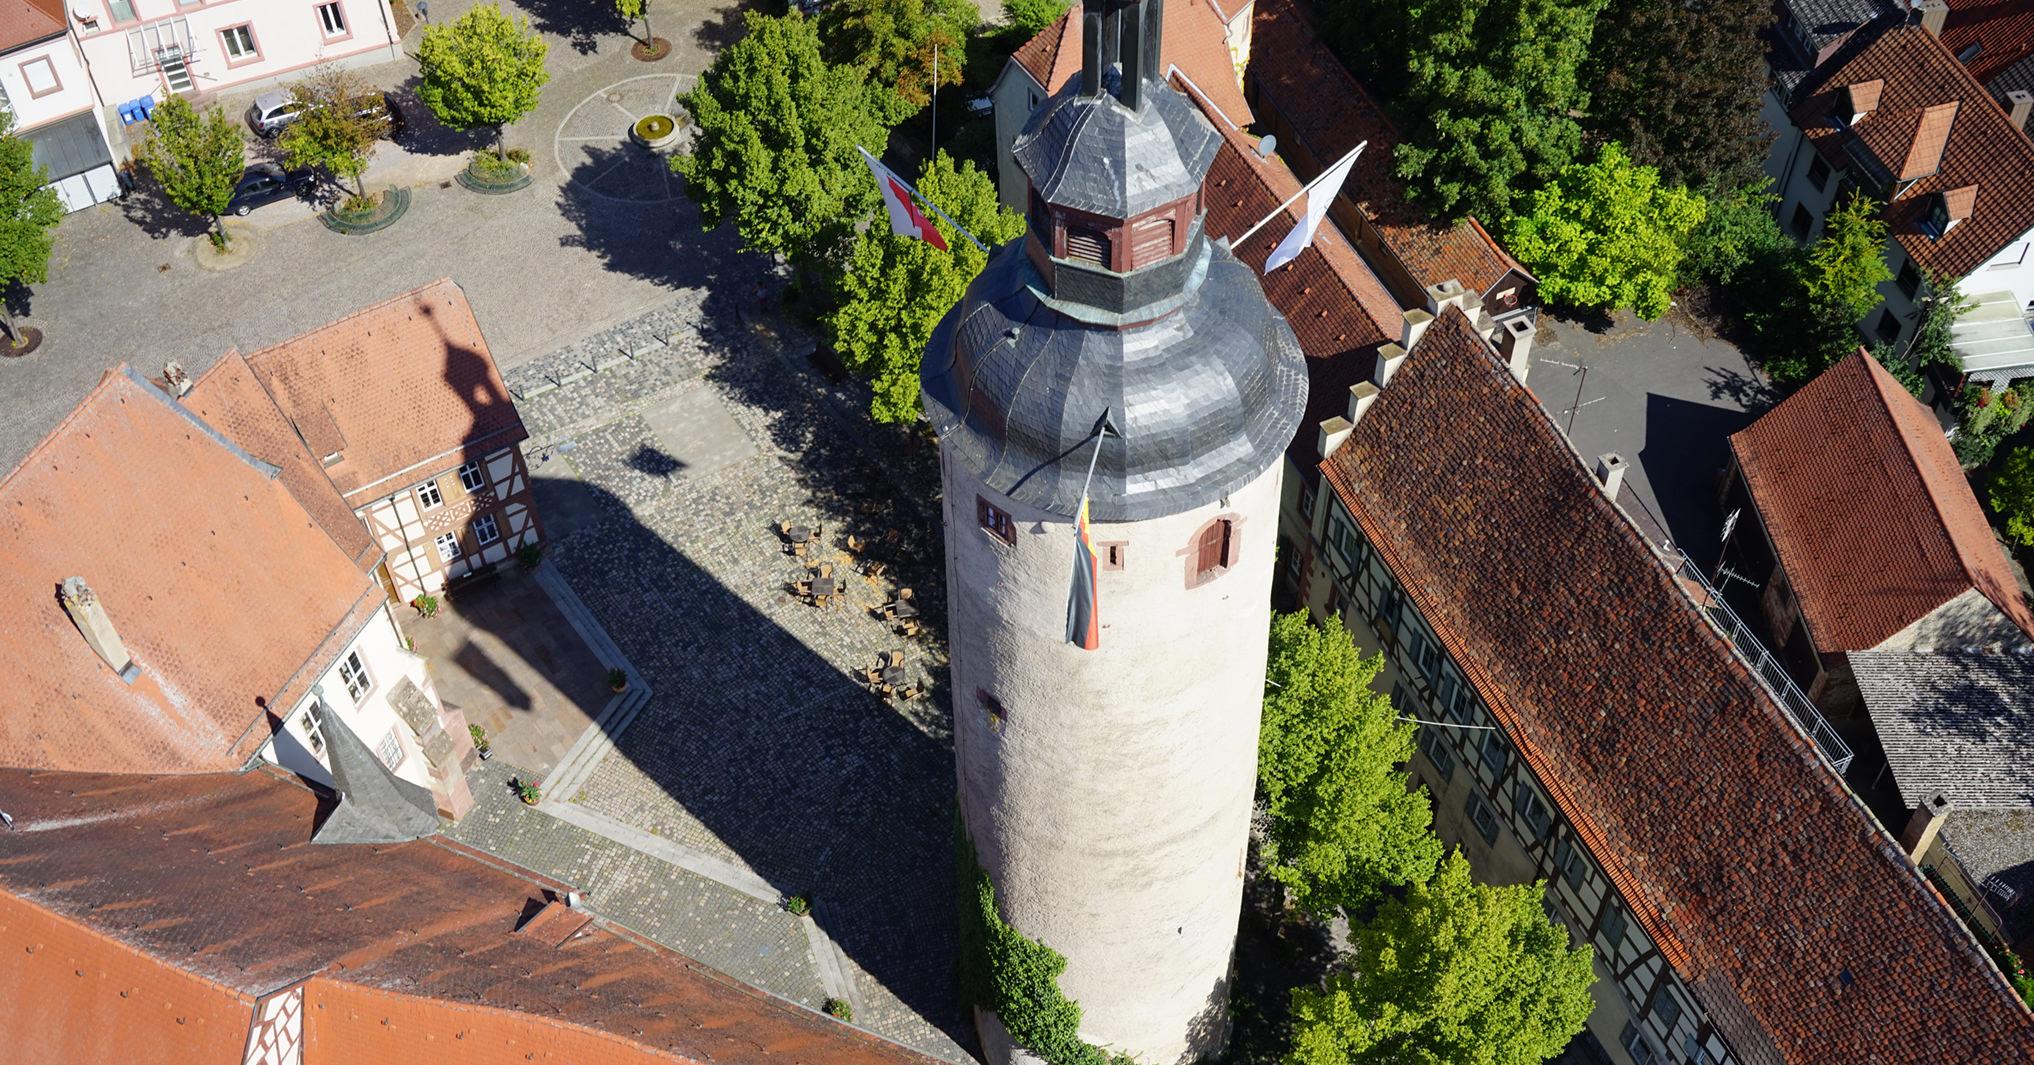 luftbilder-mainfranken_tauber